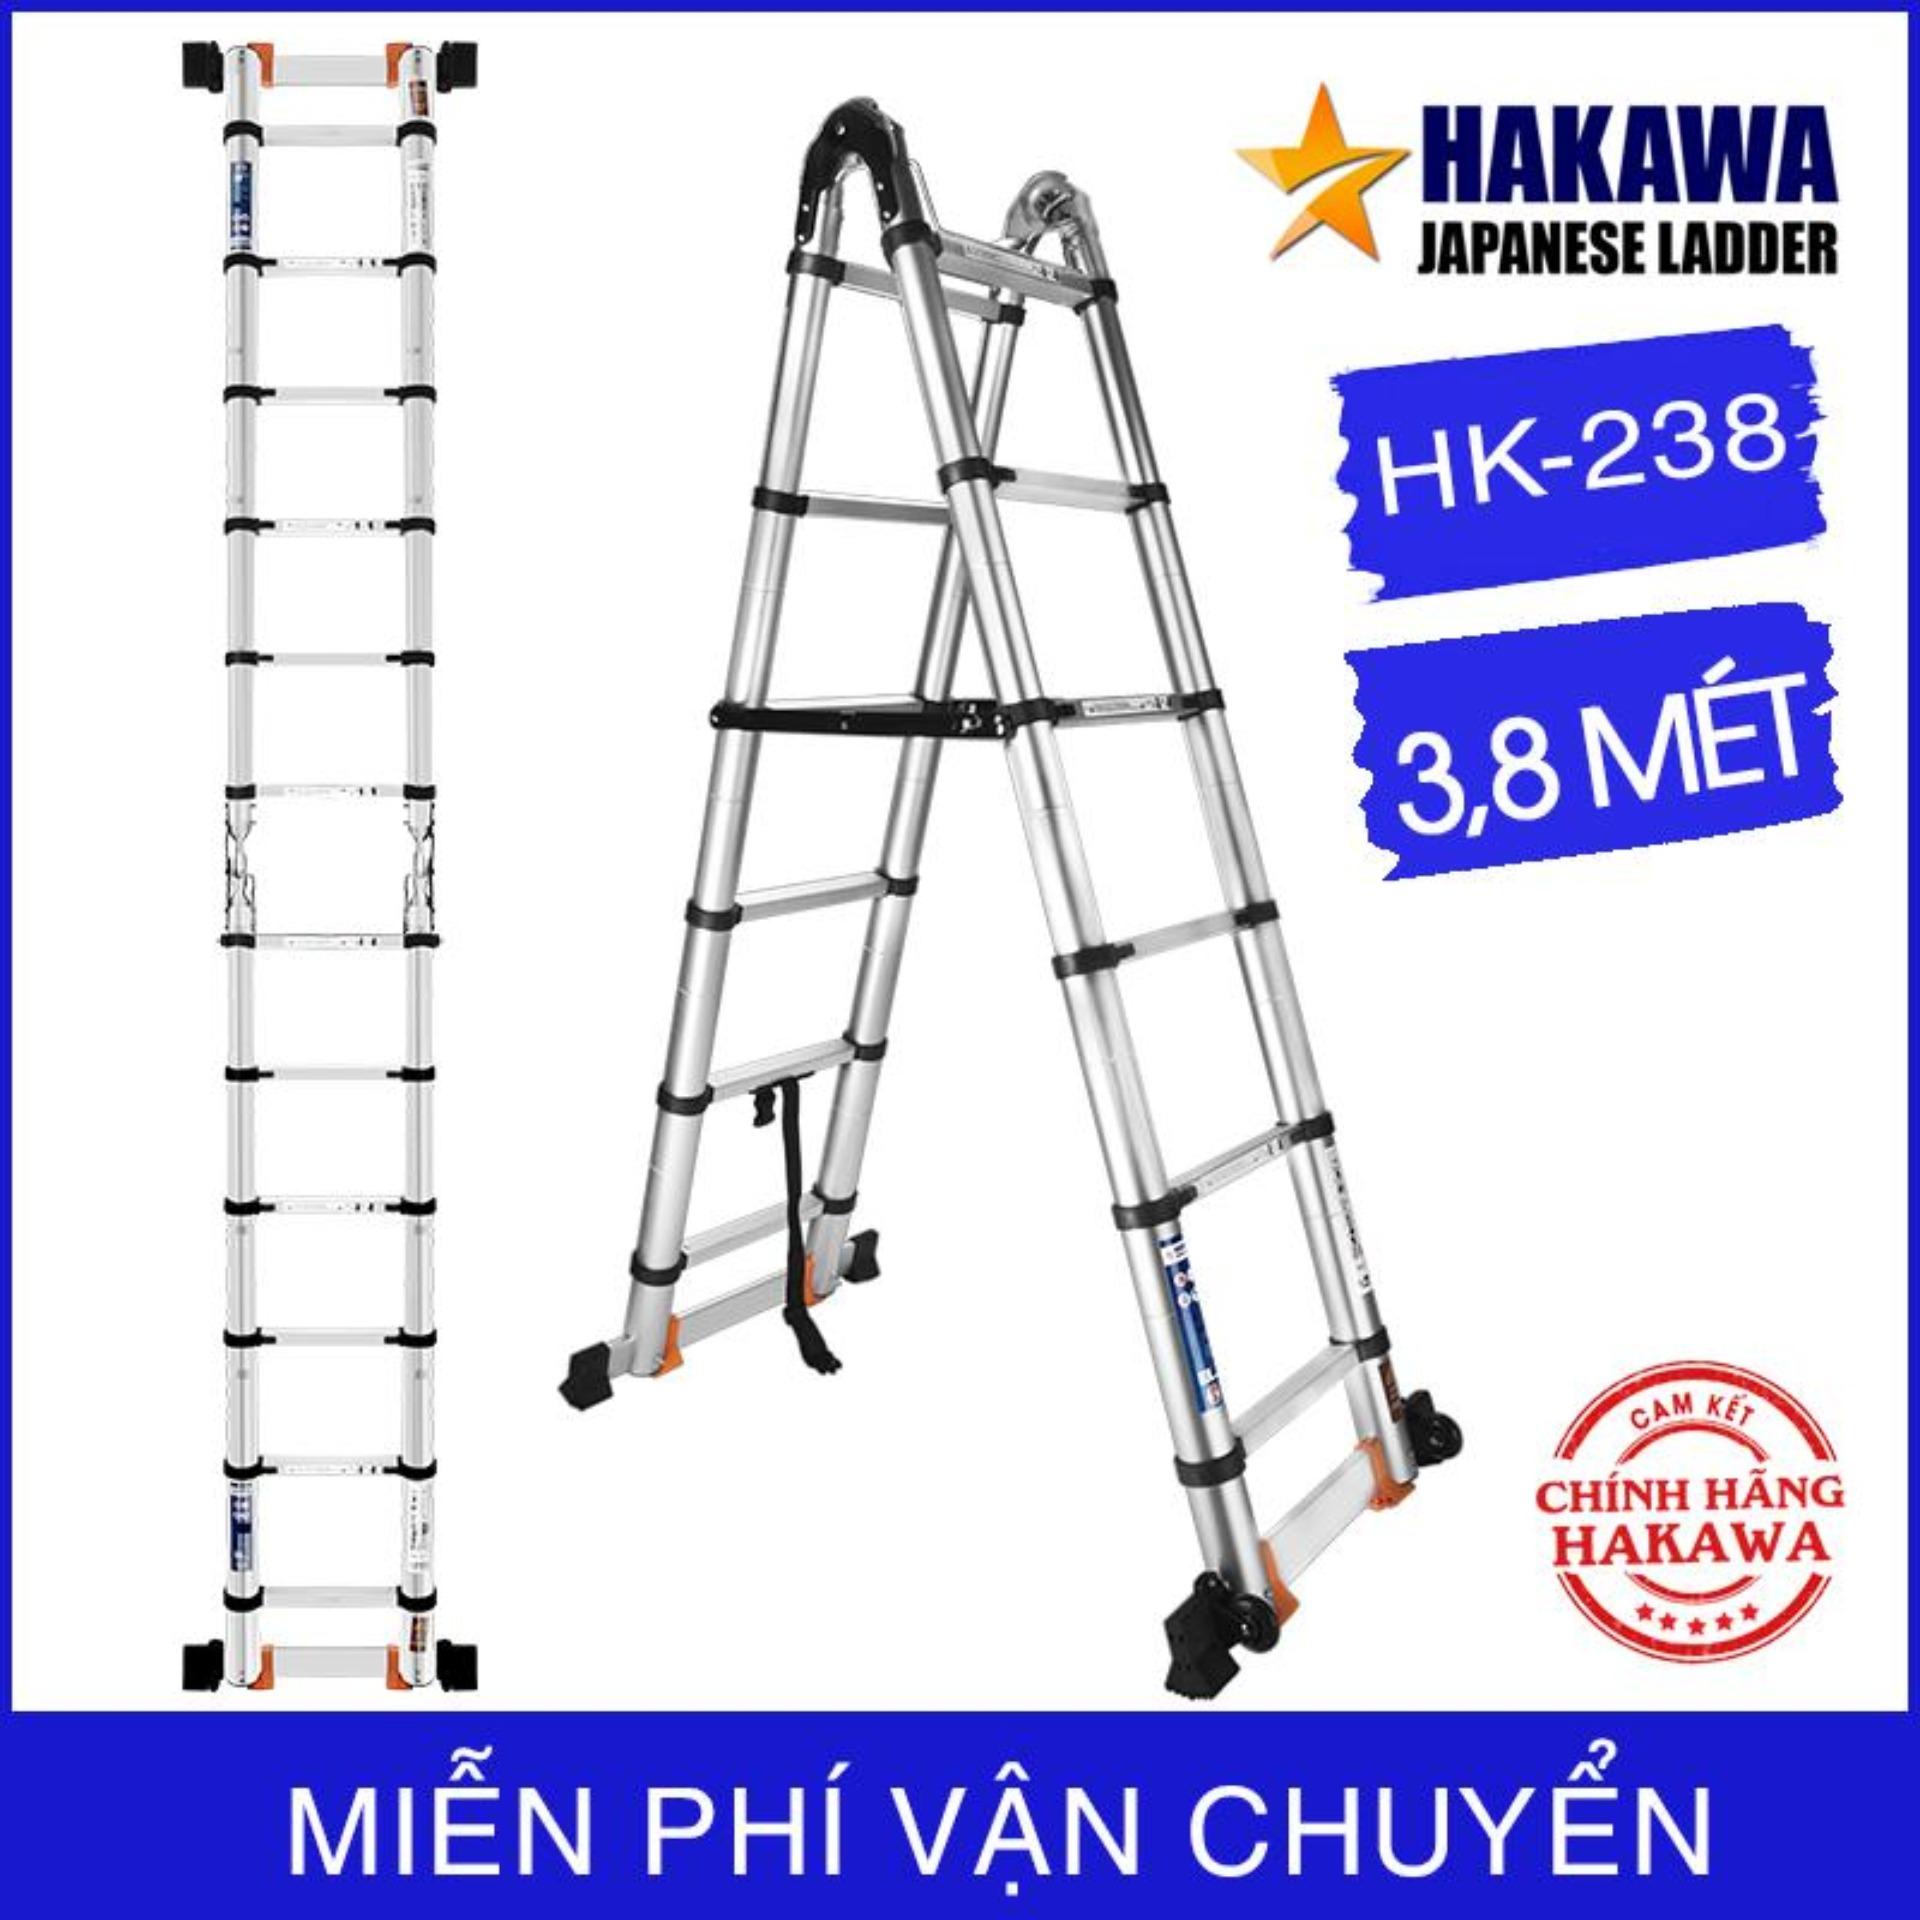 THANG NHÔM RÚT ĐÔI NHẬT BẢN - HAKAWA HK 238 - PHÂN PHỐI CHÍNH HÃNG